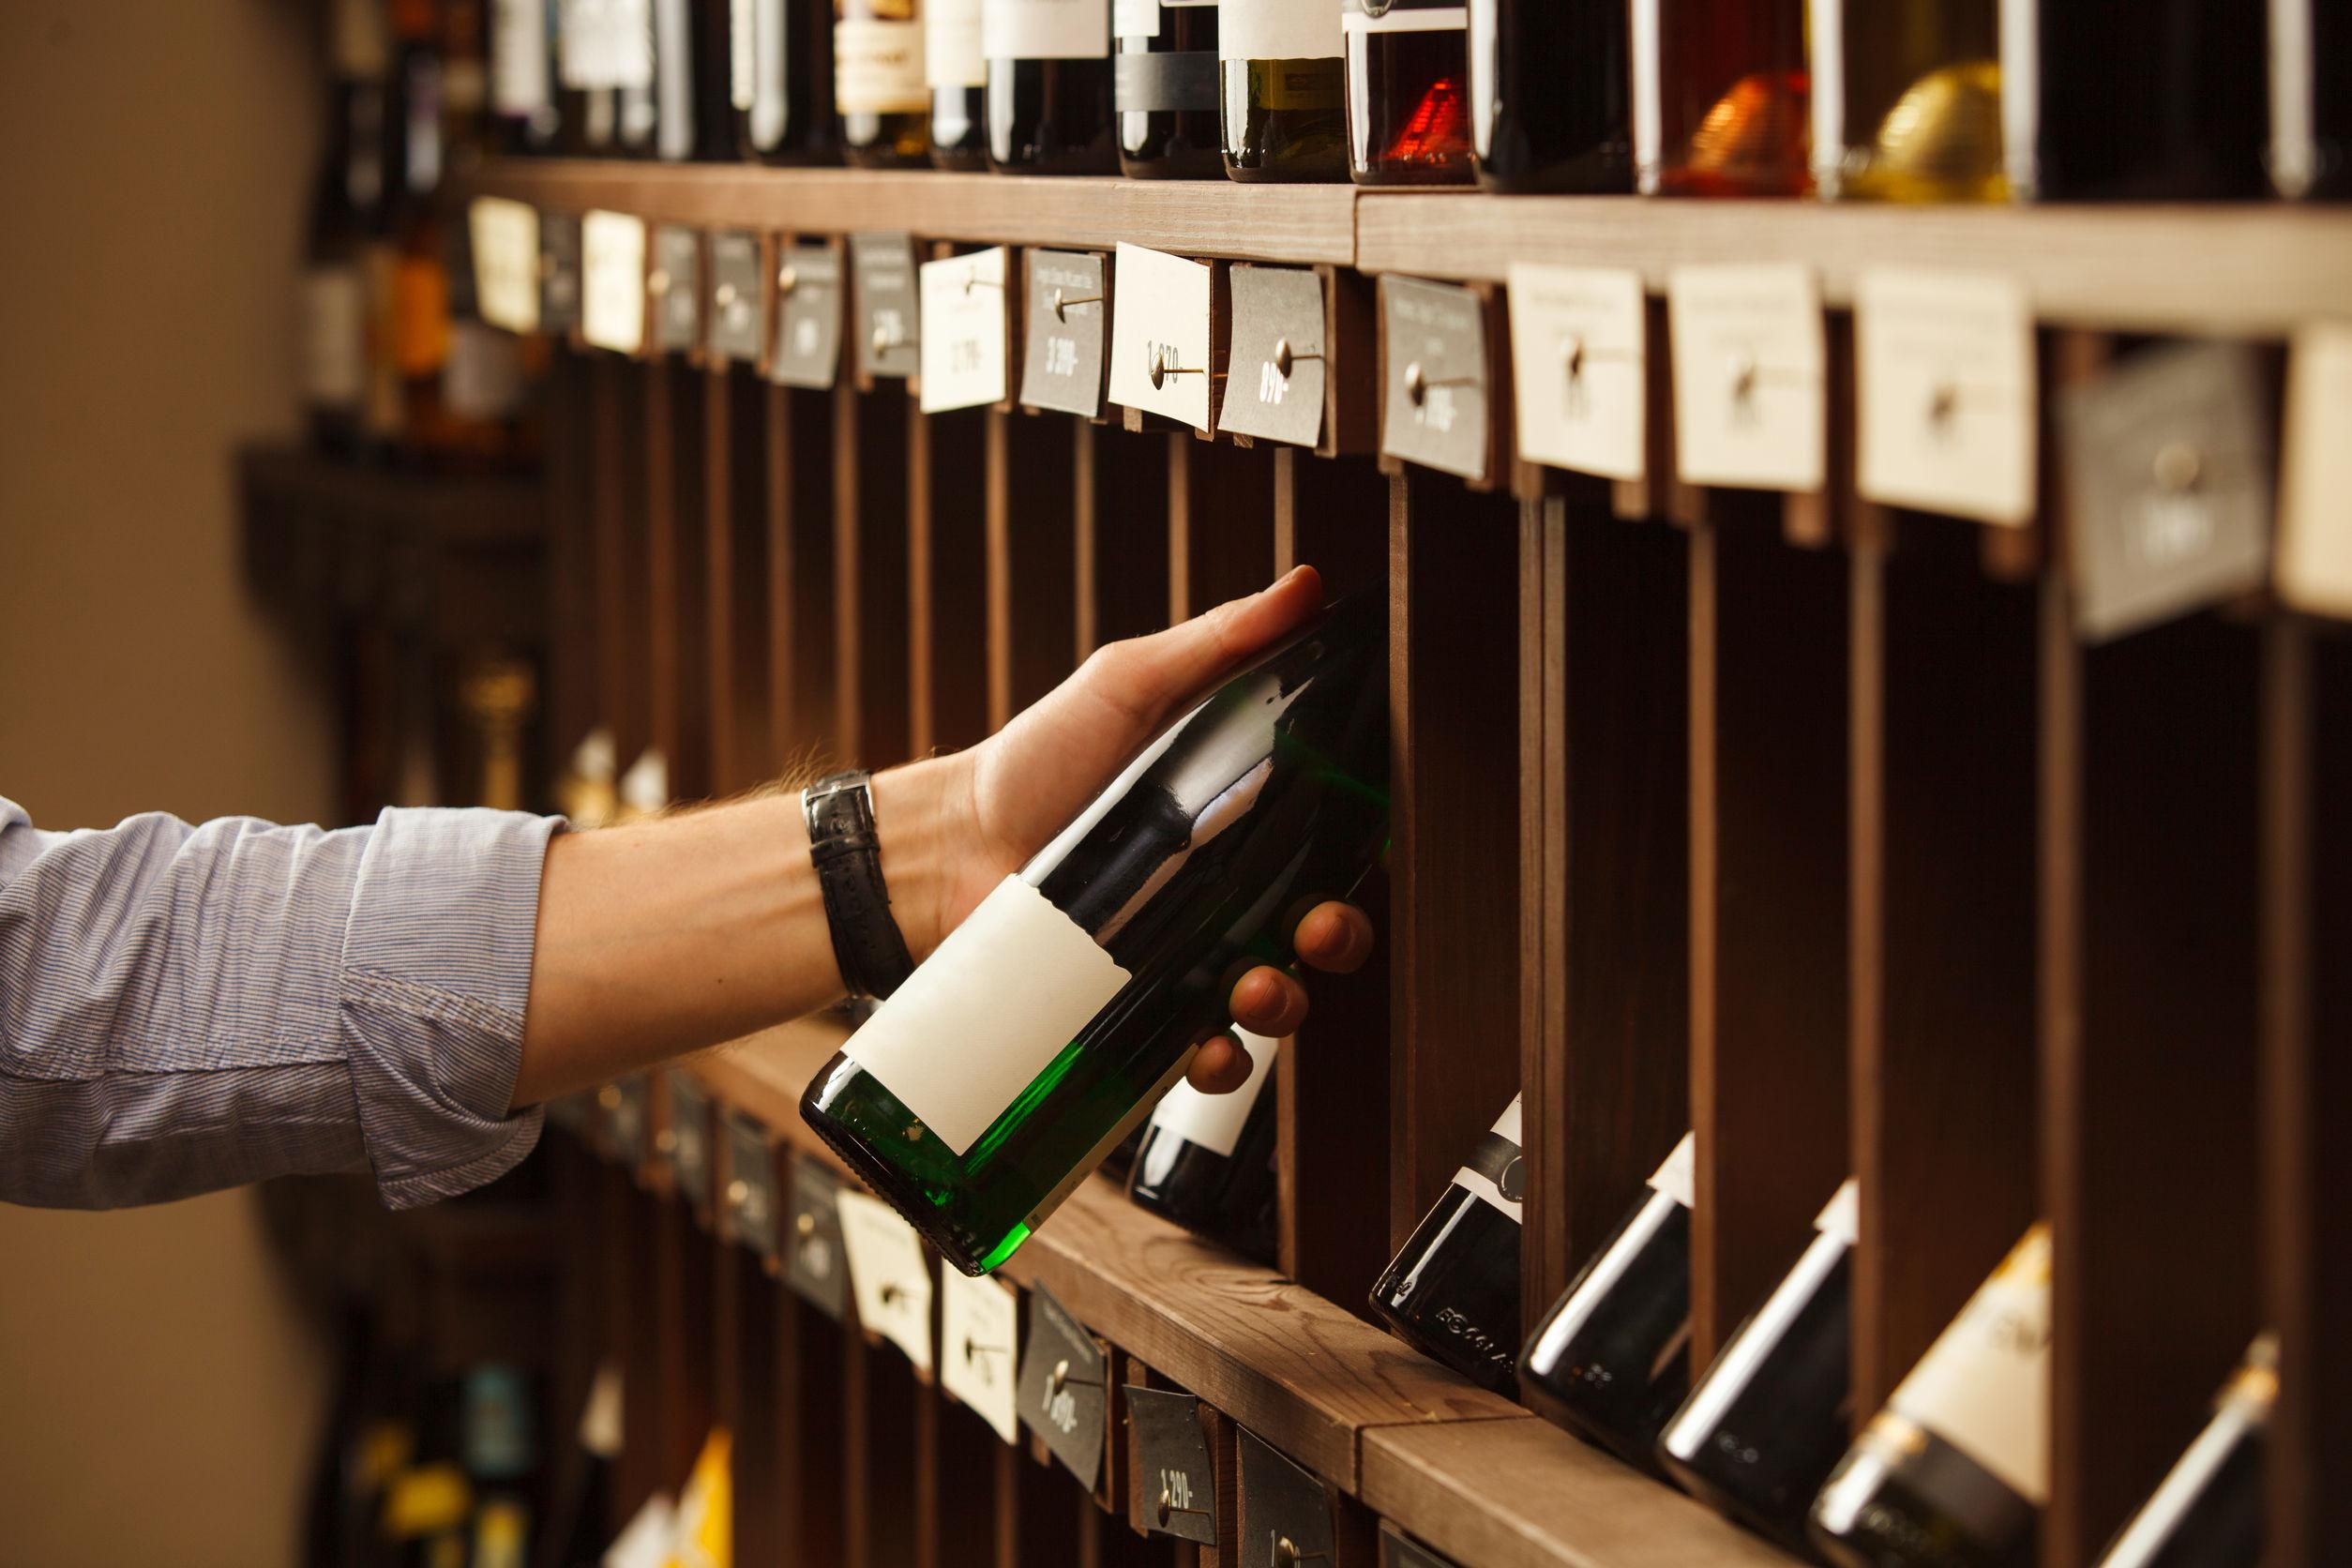 salto-digital-viticultura